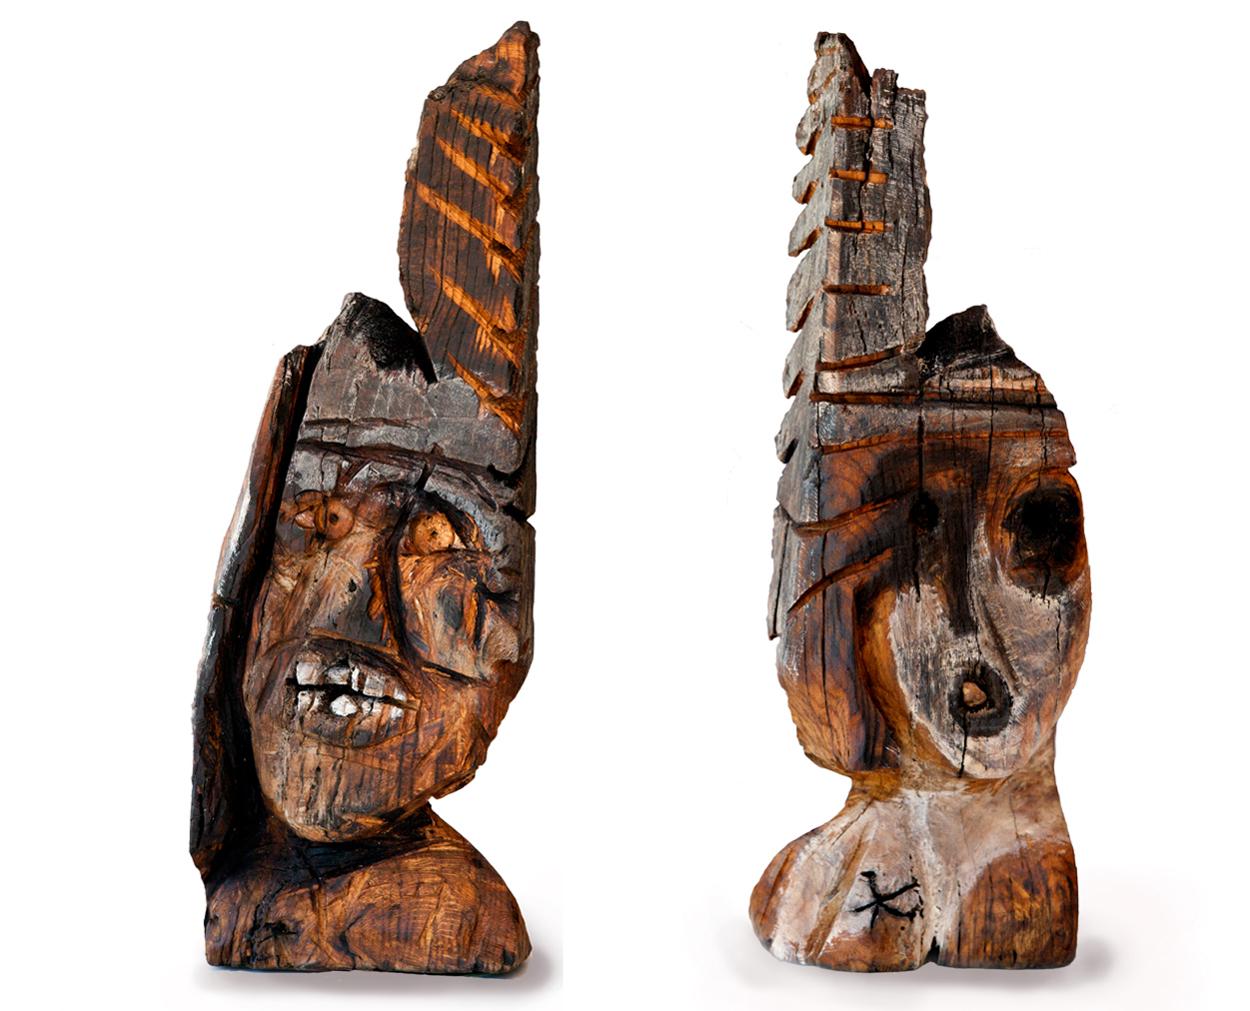 Tête III, 67x22x14 cm